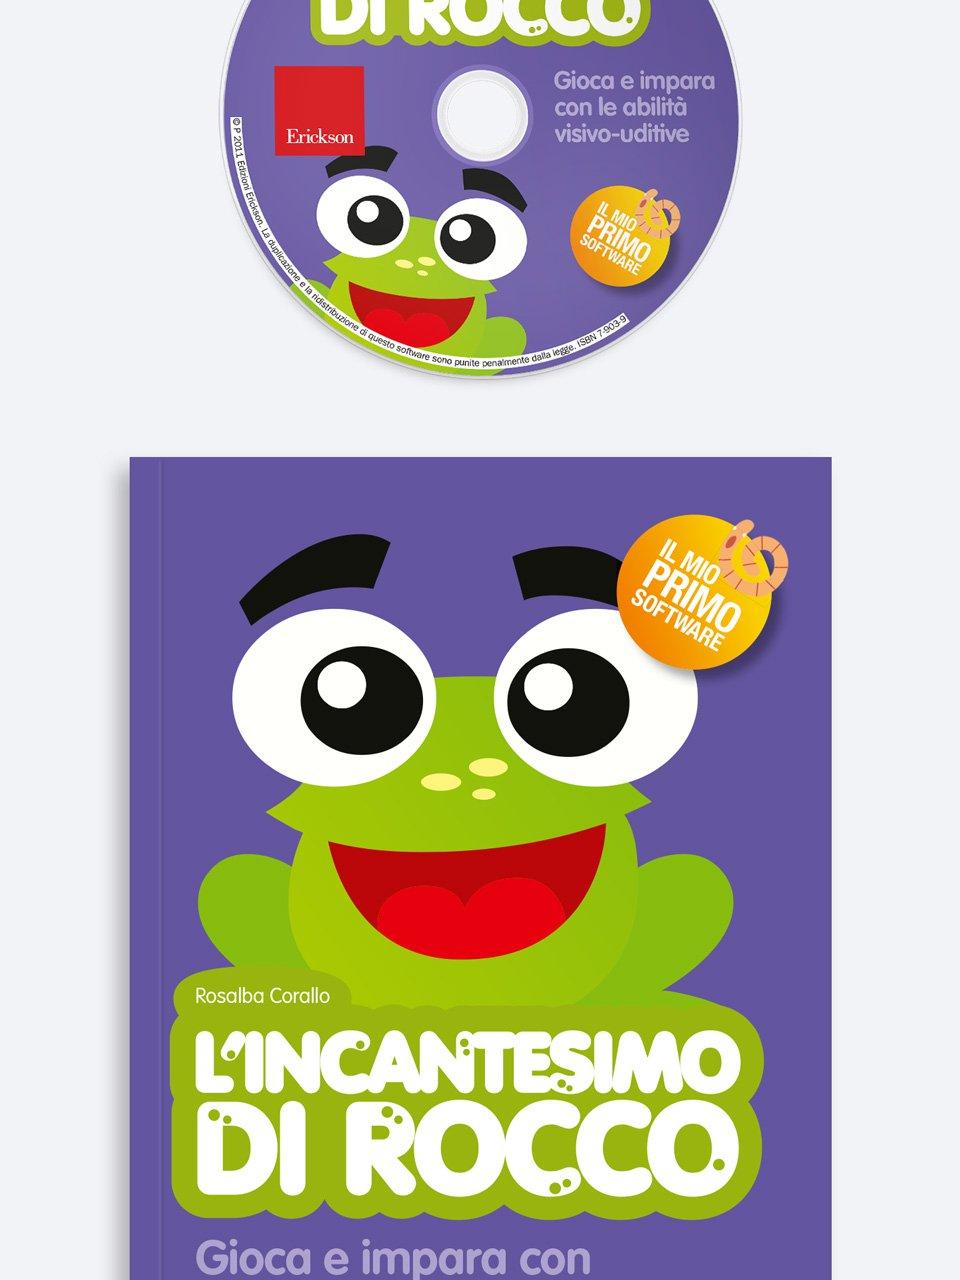 L'incantesimo di Rocco - Quattro stagioni per giocare - Libri - Erickson